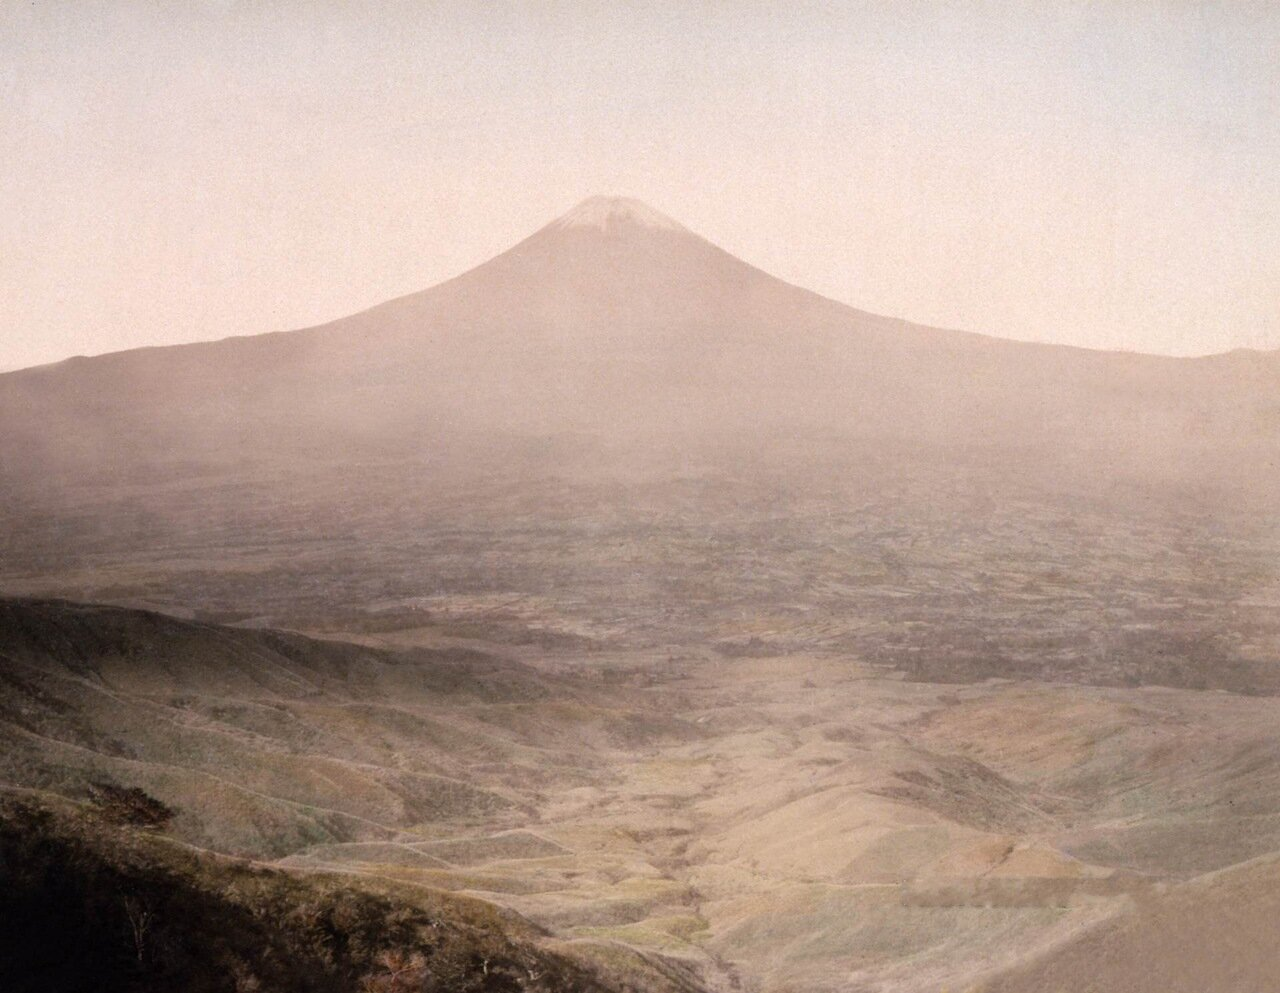 Гора Фудзи из Отометоге. Япония. 1890 г.